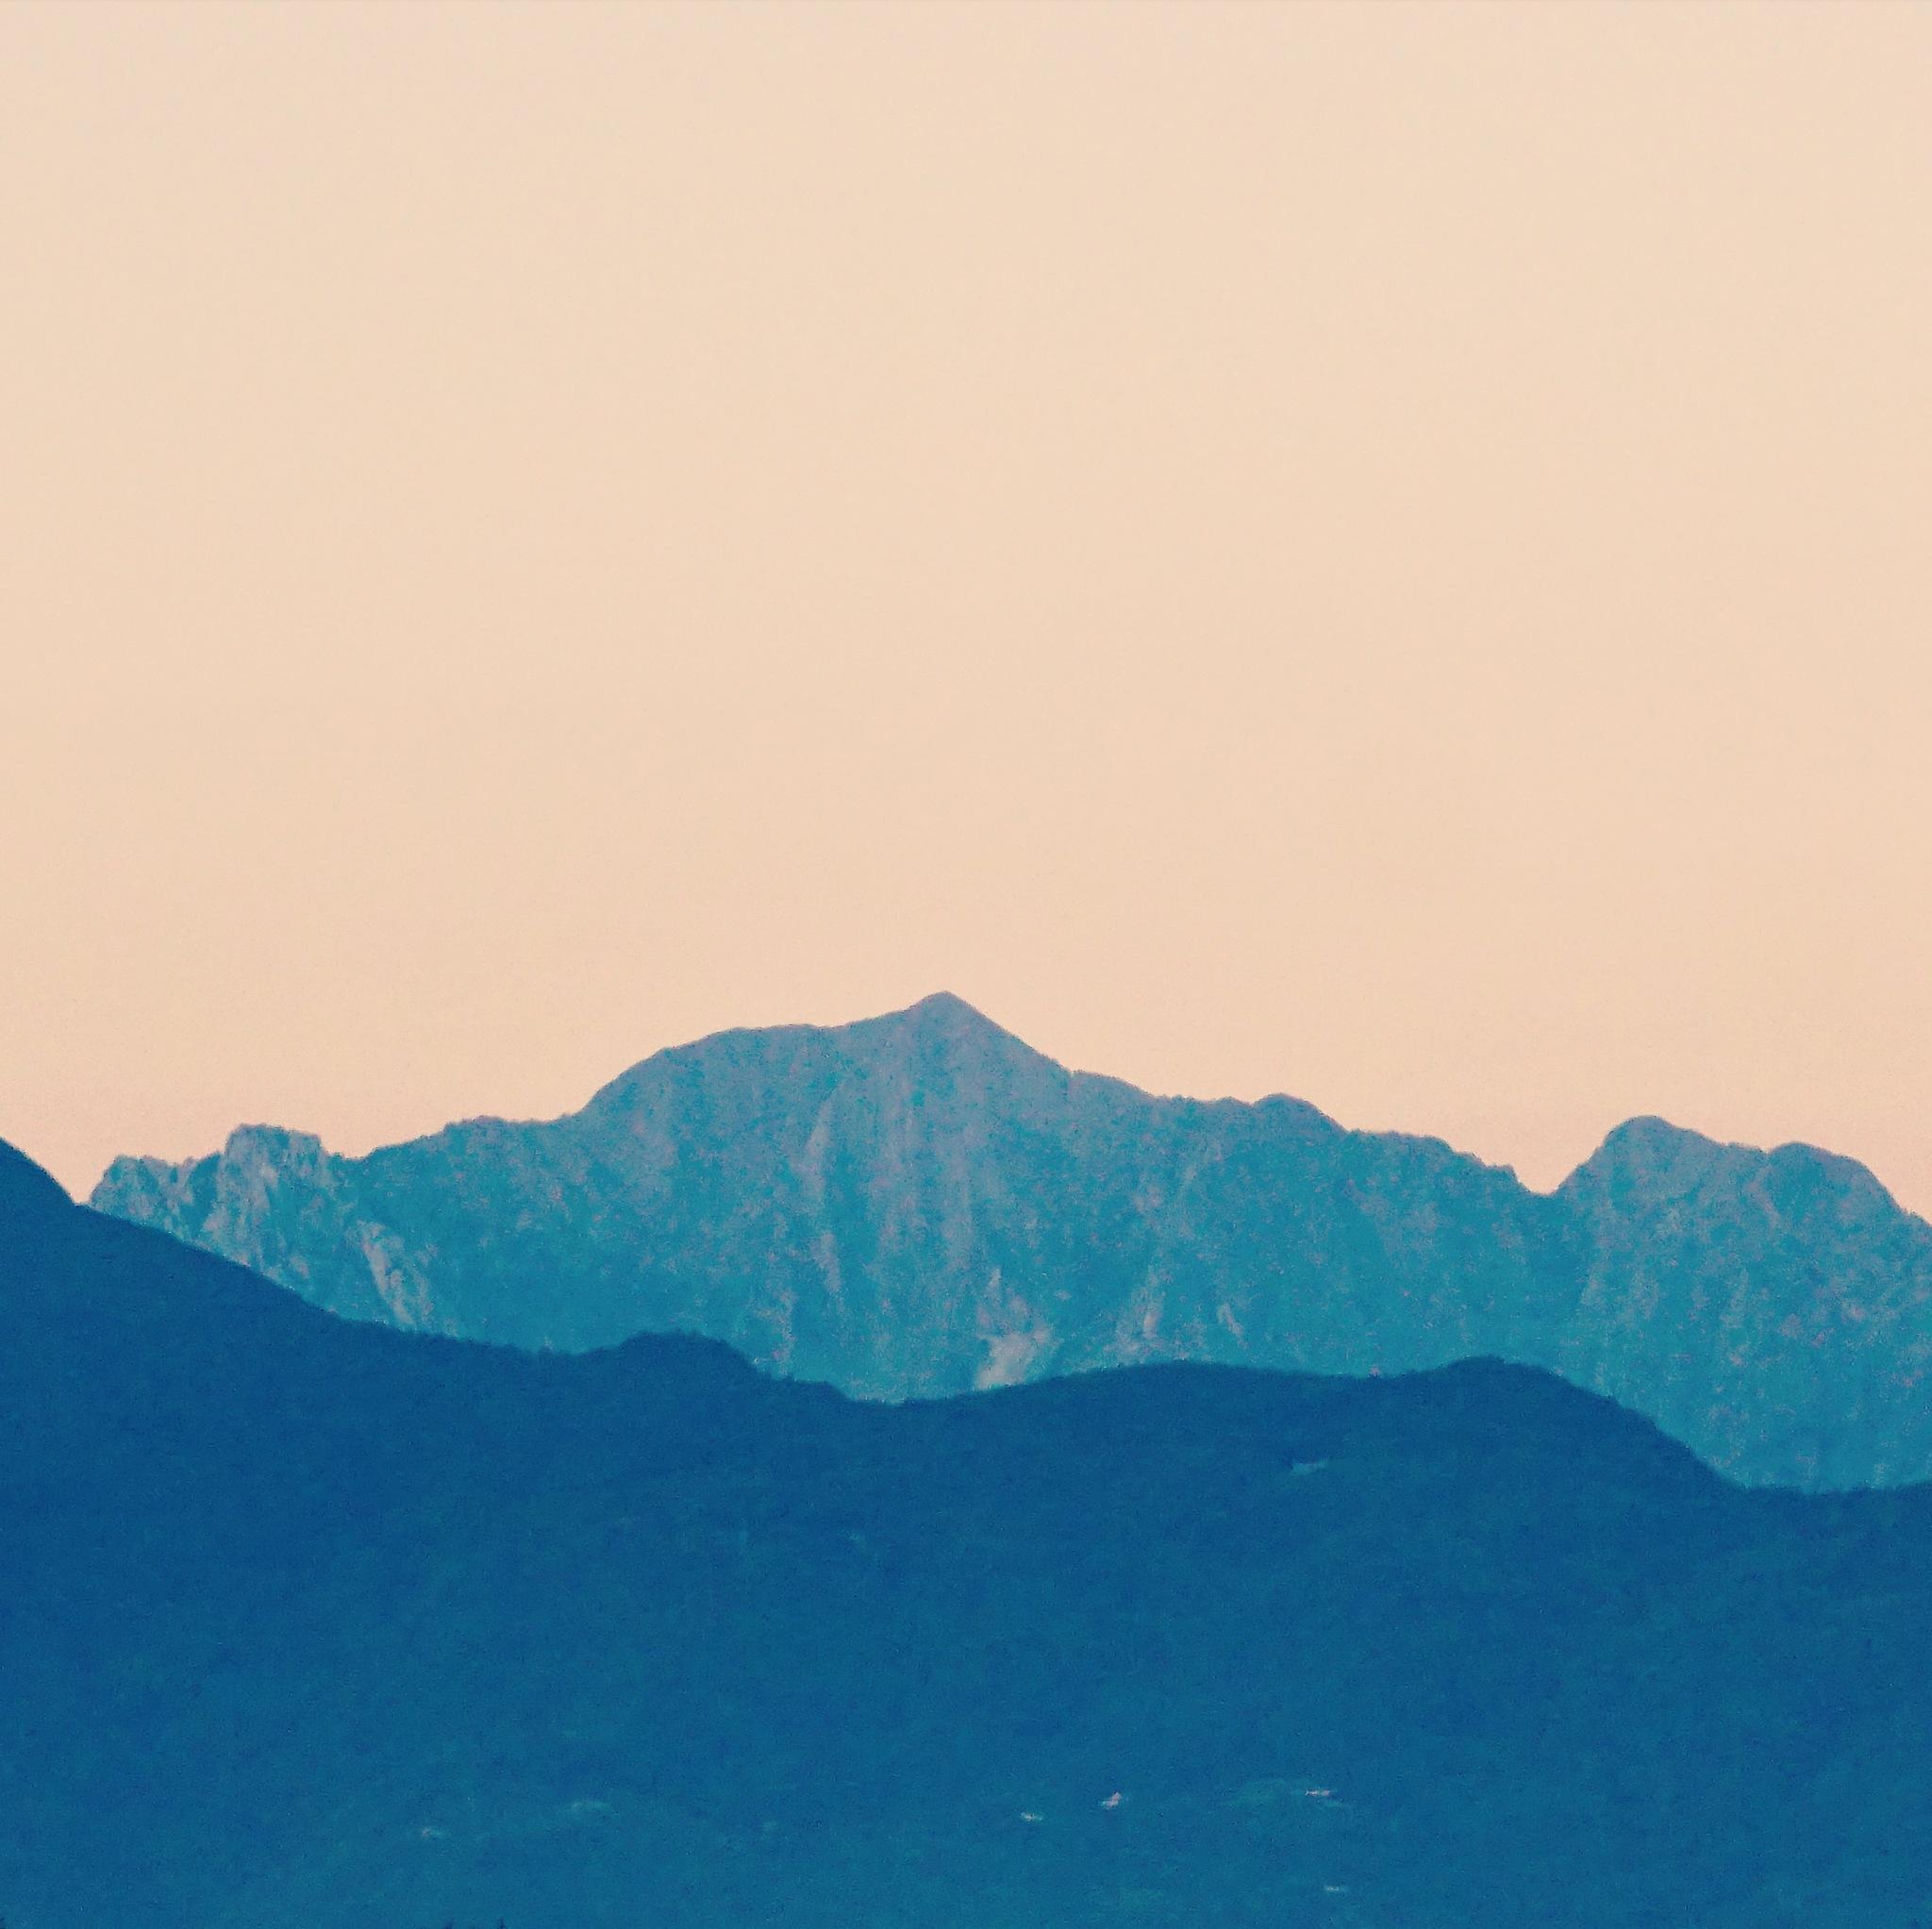 Tramonto sulle Alpi Apuane  by Mauro Corbucci